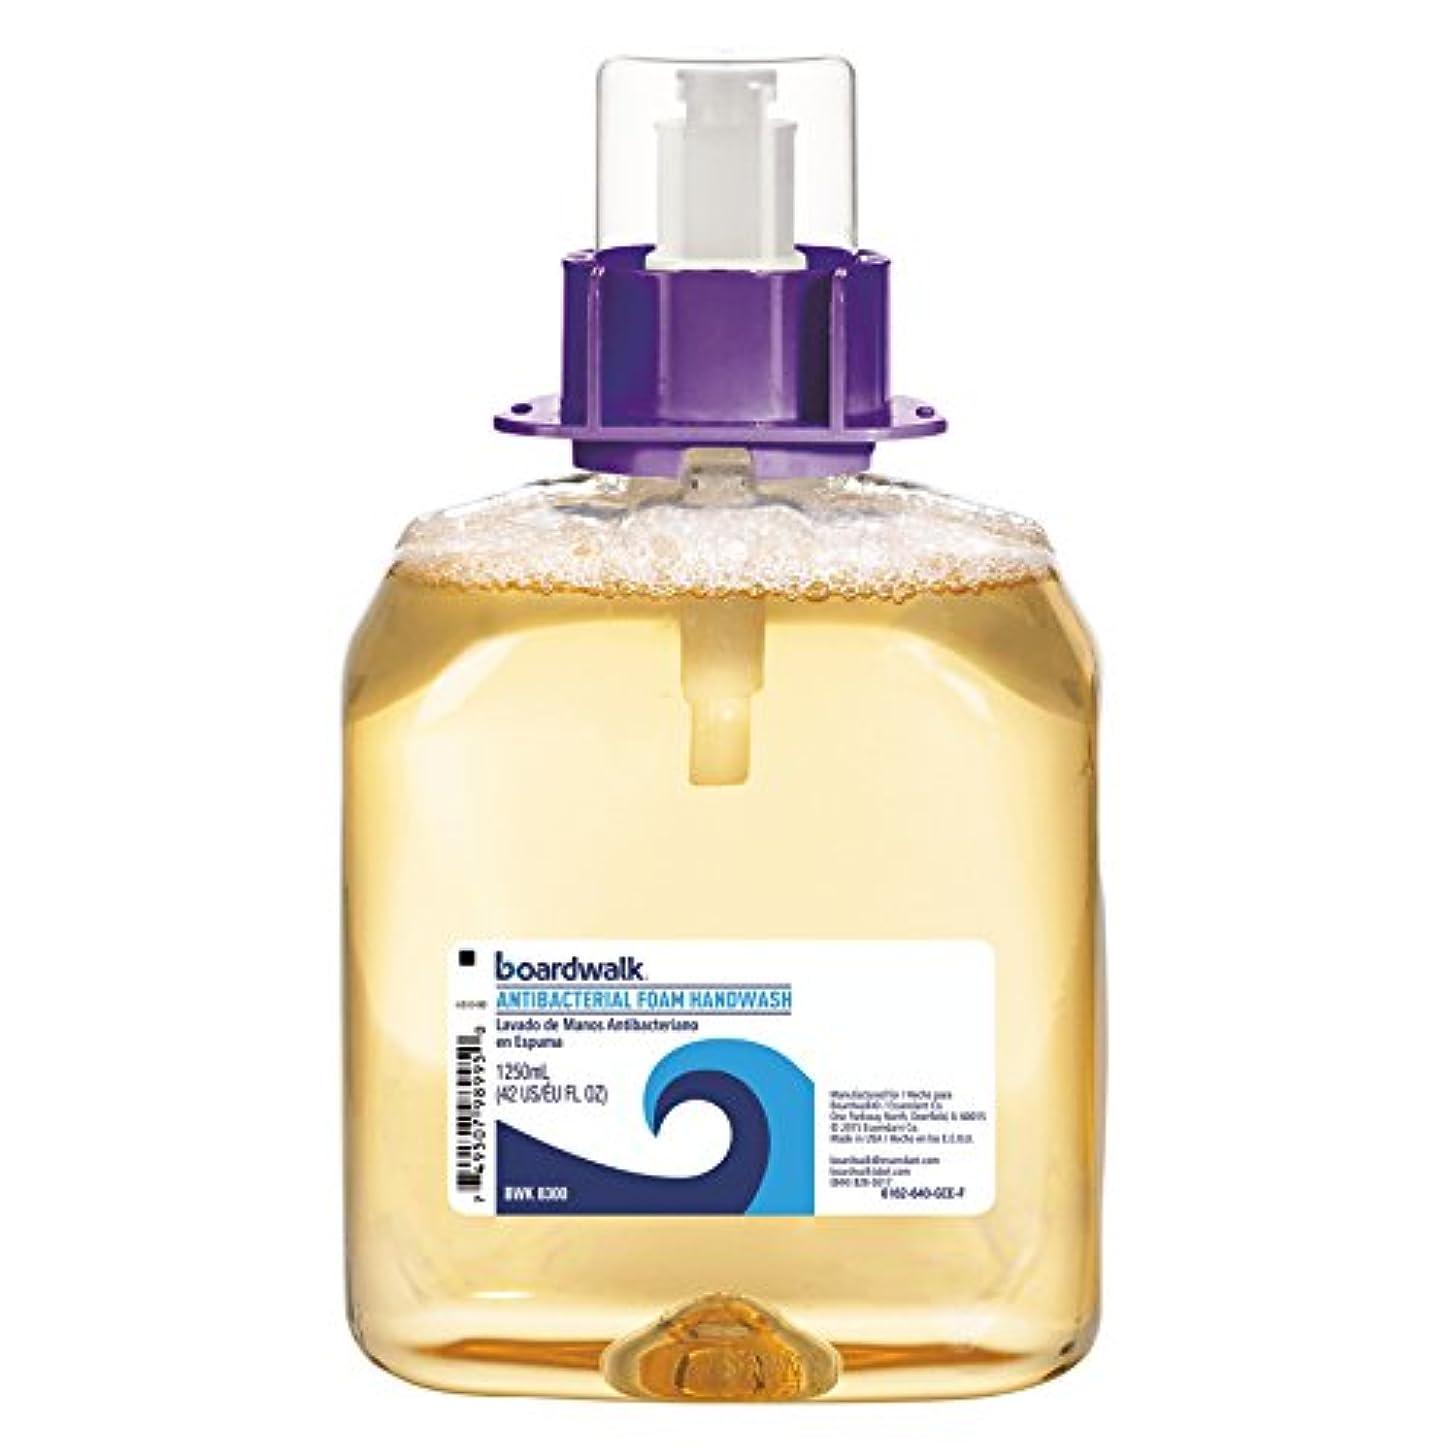 恐ろしい生理潤滑するFoam Antibacterial Handwash, Sweet Pea, 1250ml Refill, 4 per Carton (並行輸入品)